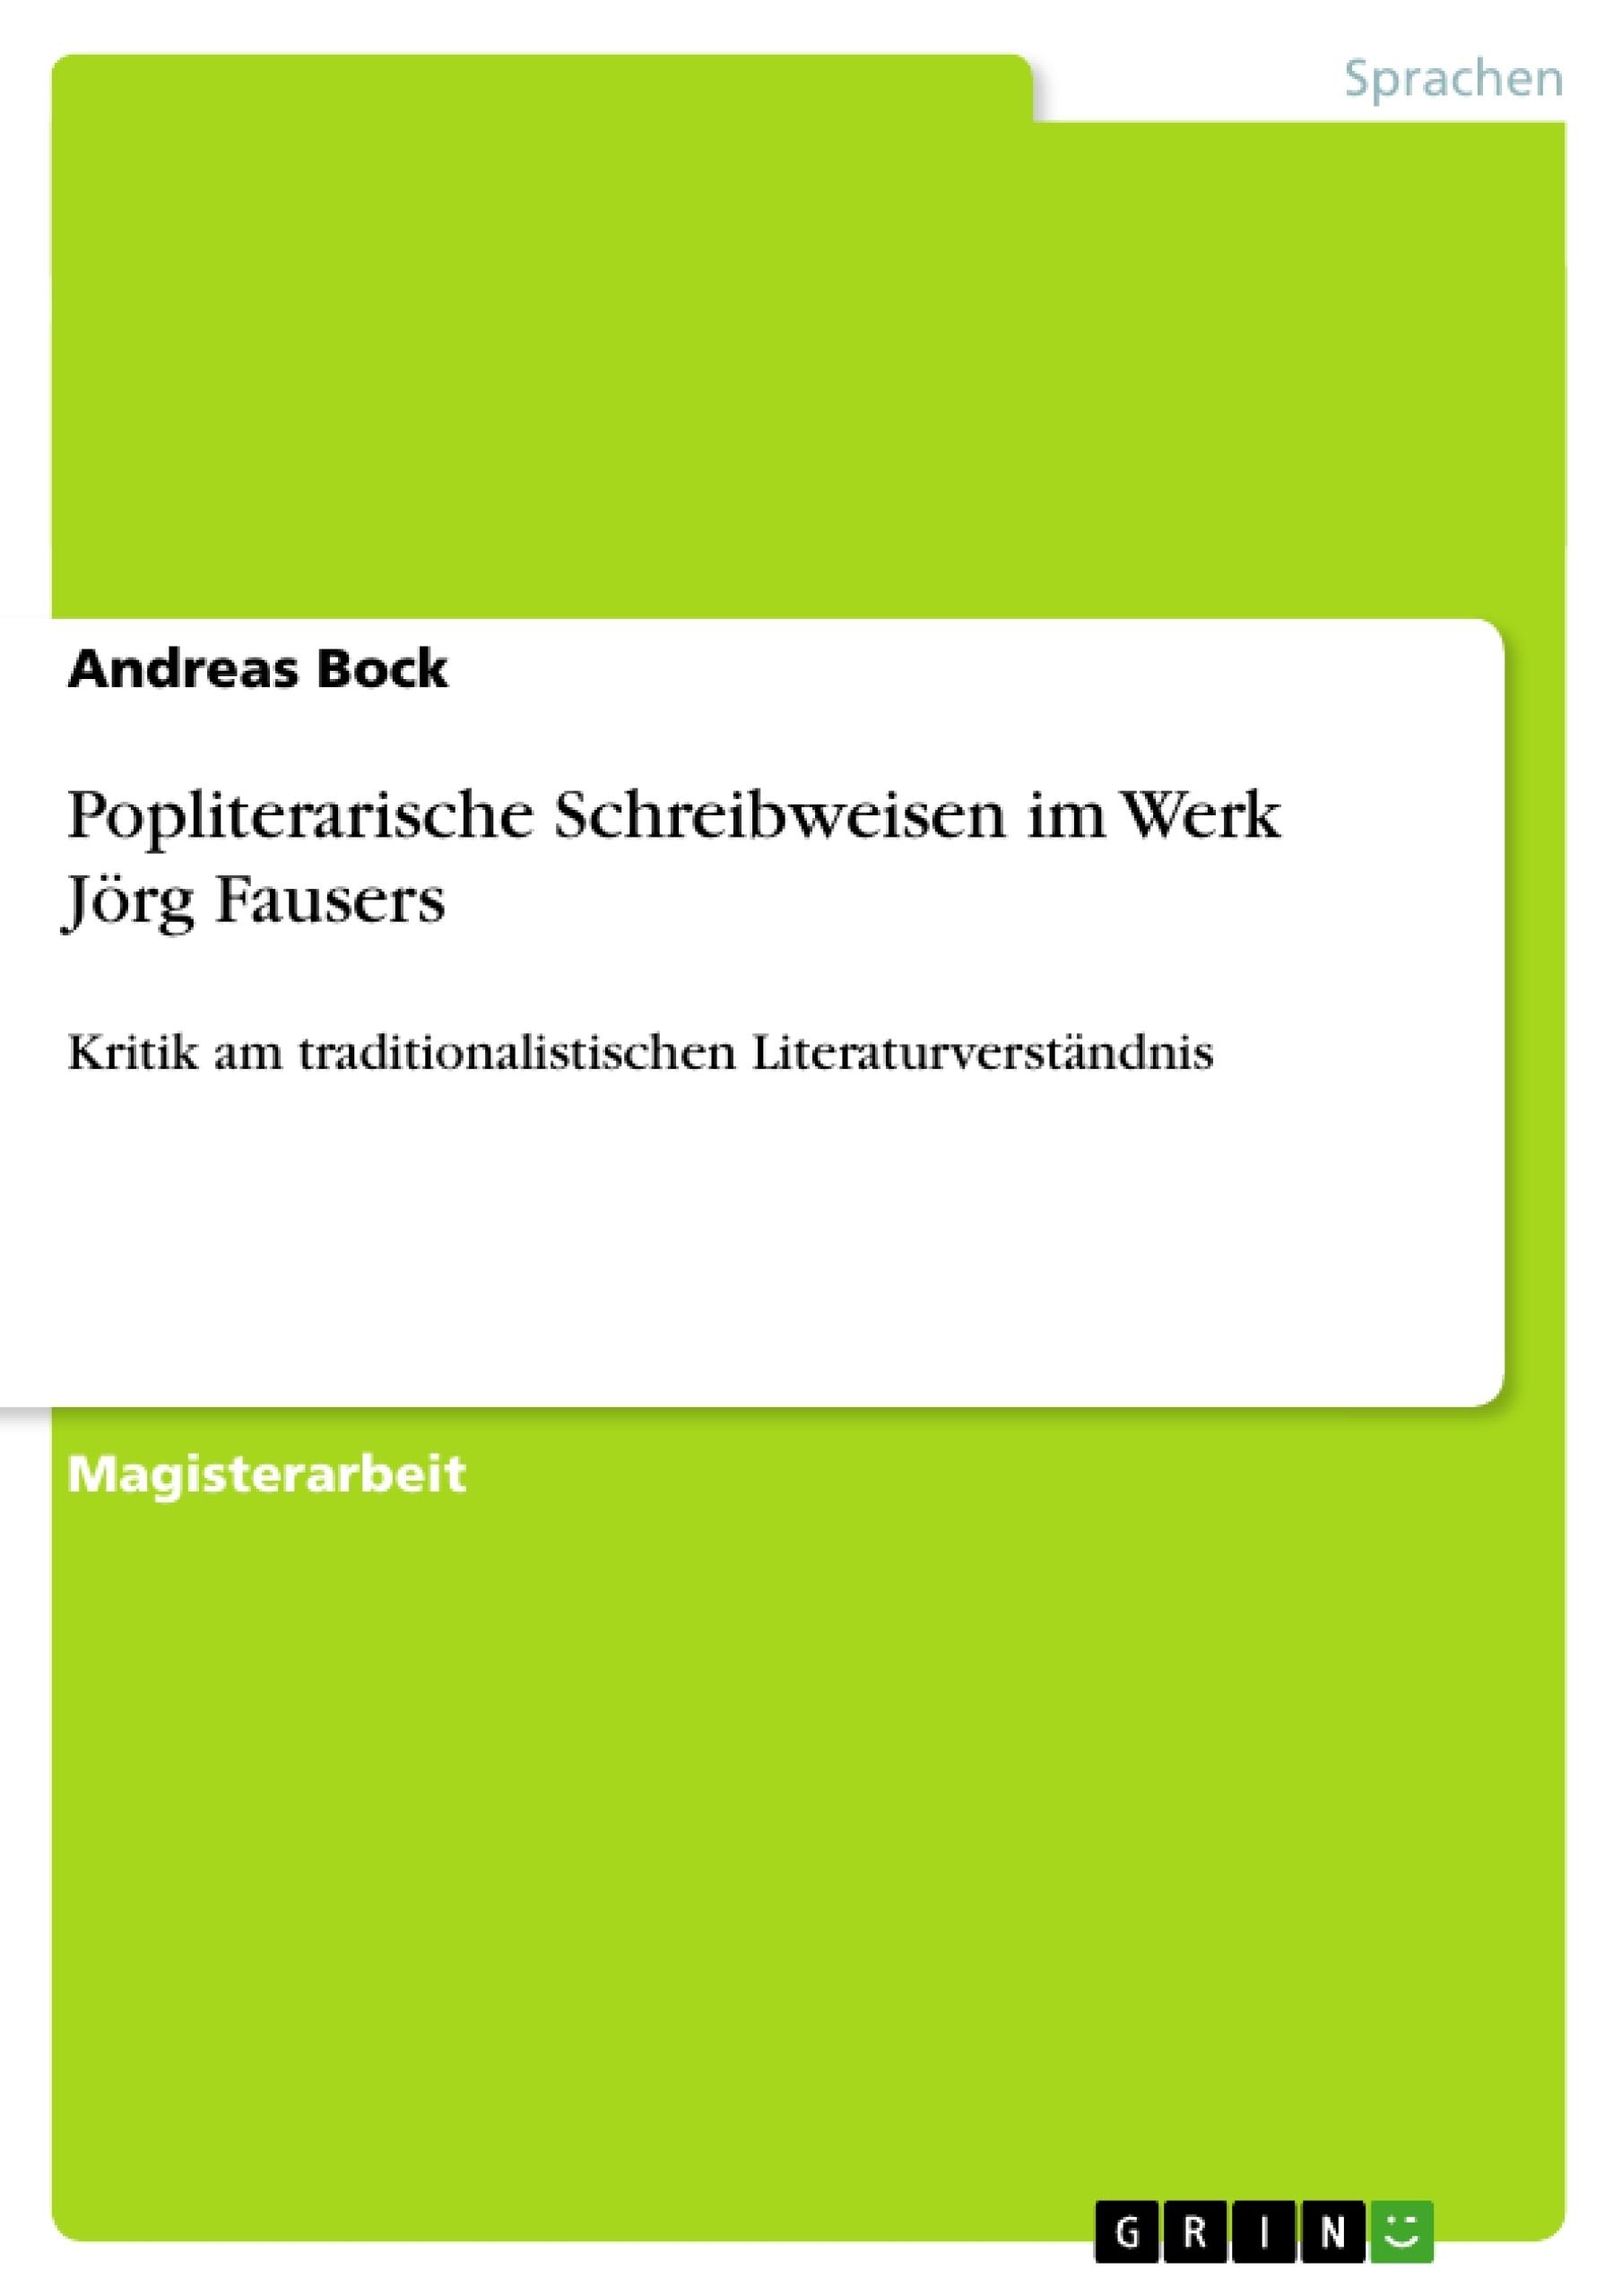 Titel: Popliterarische Schreibweisen im Werk Jörg Fausers